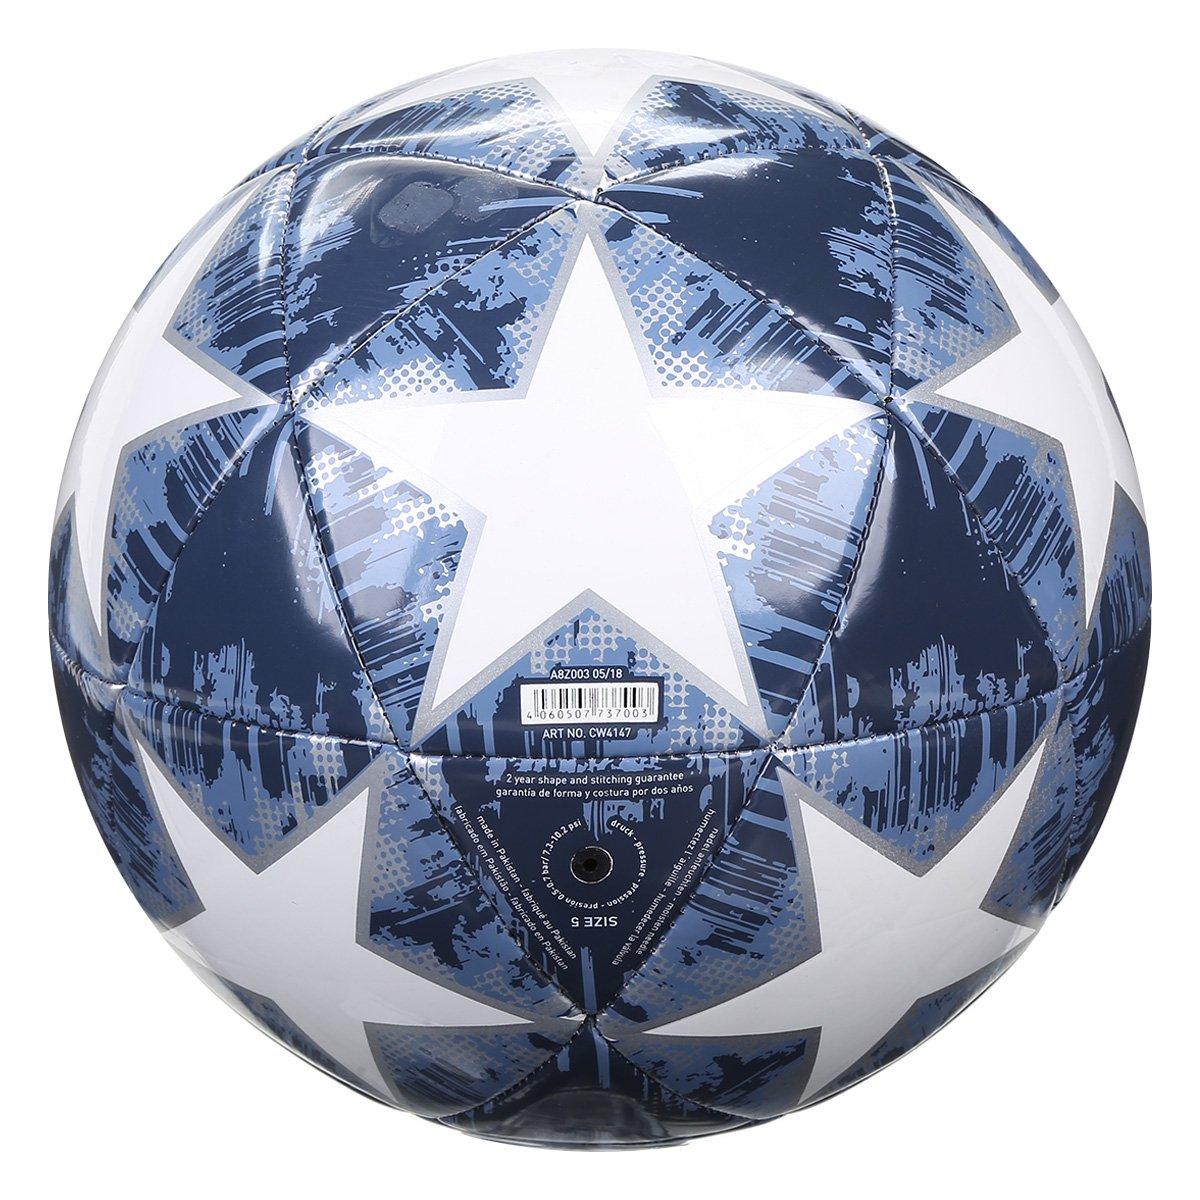 ... Bola de Futebol Campo Bayern de Munique Adidas Capitano Finale 18 UCL 9860cee65f895